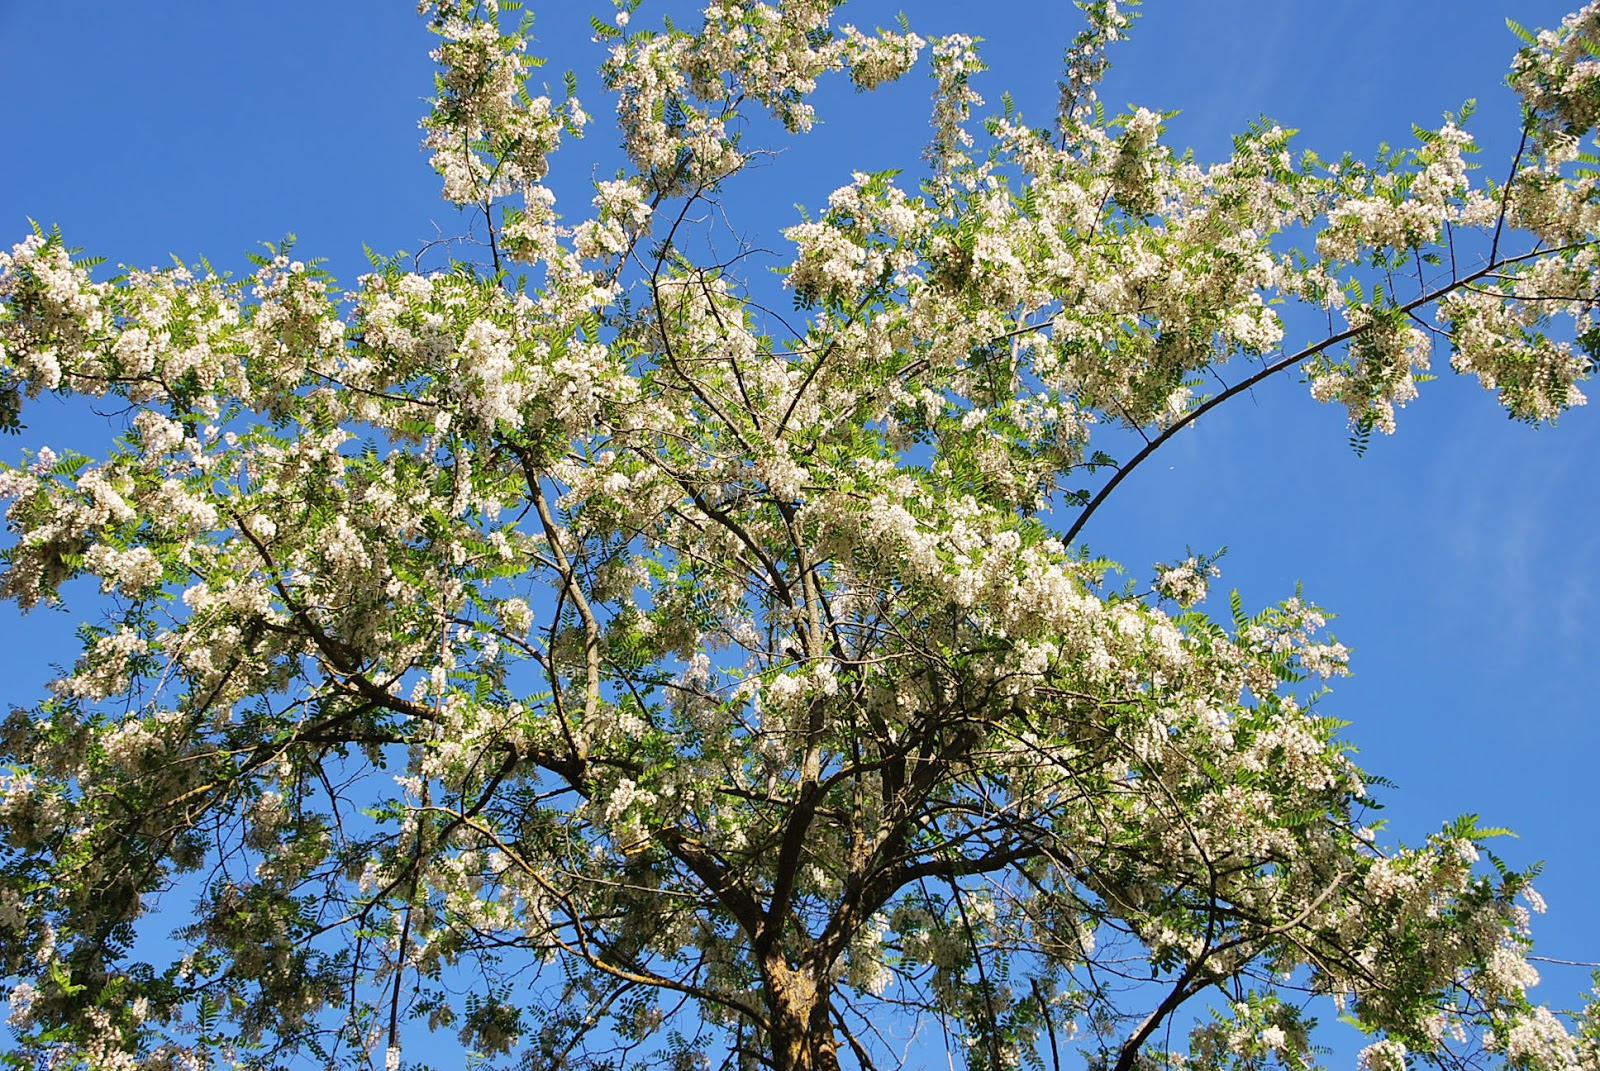 Fotos de flores rboles y flores de las acacias for Arboles con sus nombres y caracteristicas